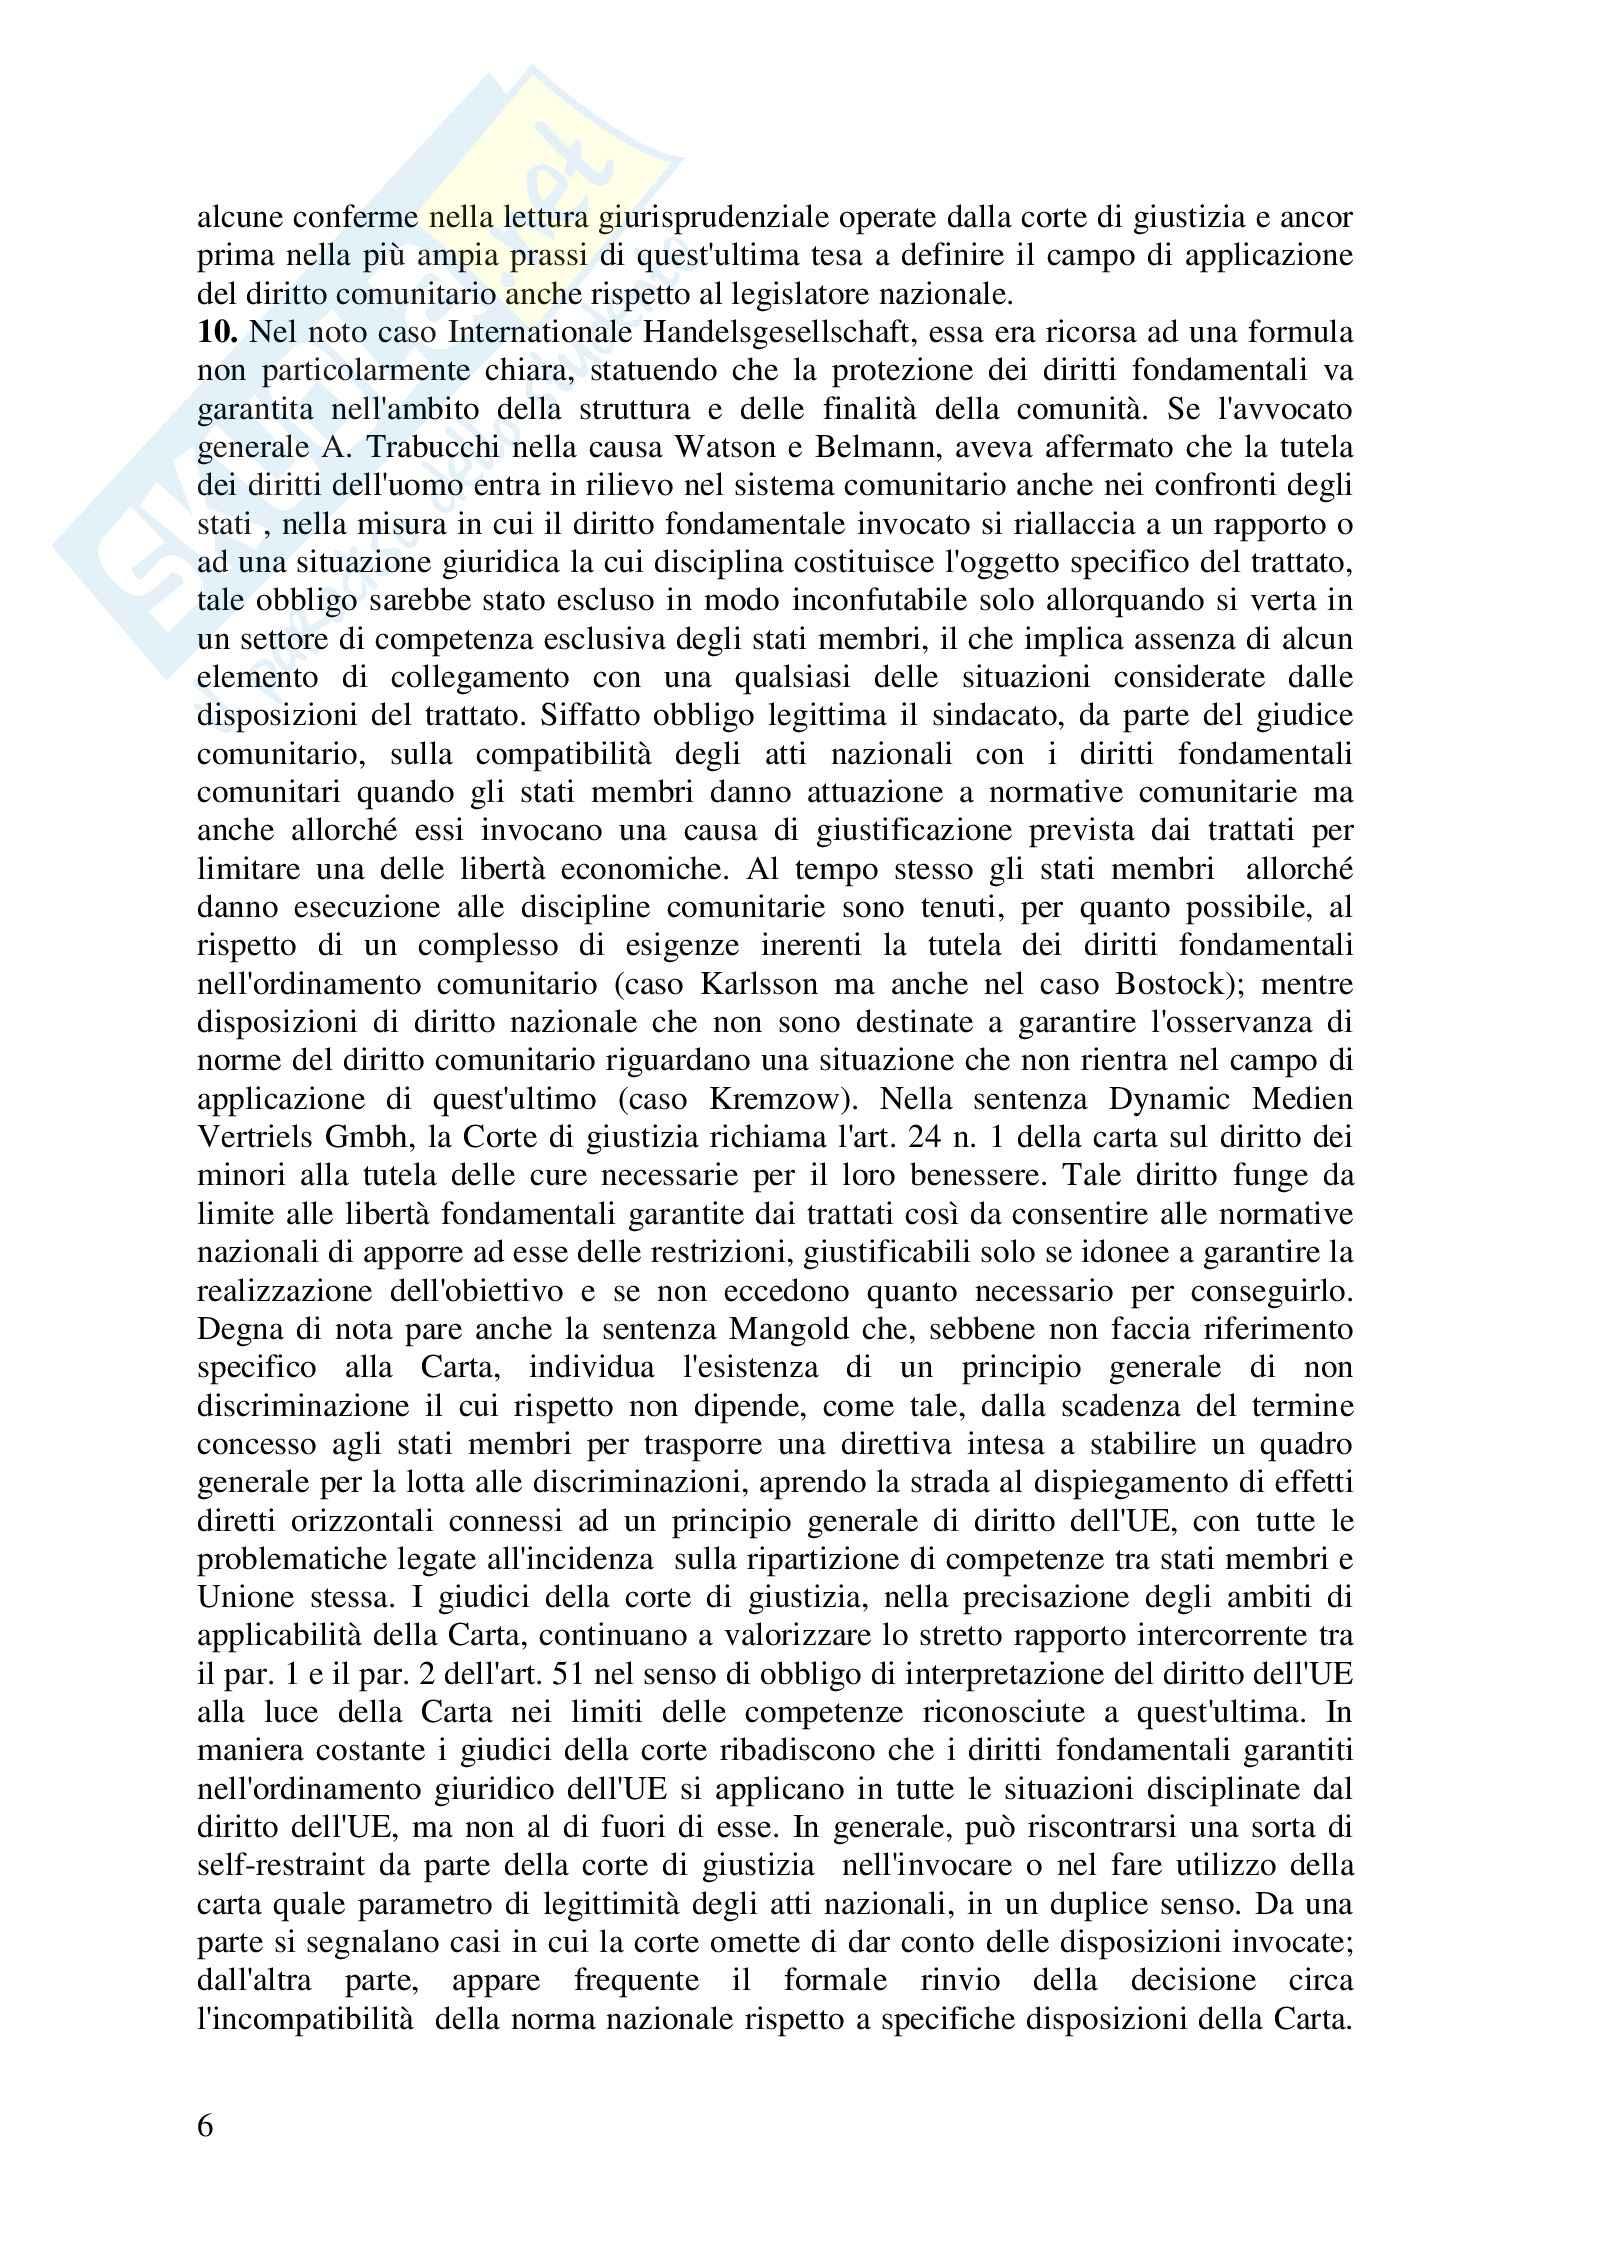 Riassunto esame Diritto dell'UE, prof. Di Stasi, Spazio europeo e diritti di giustizia Pag. 6